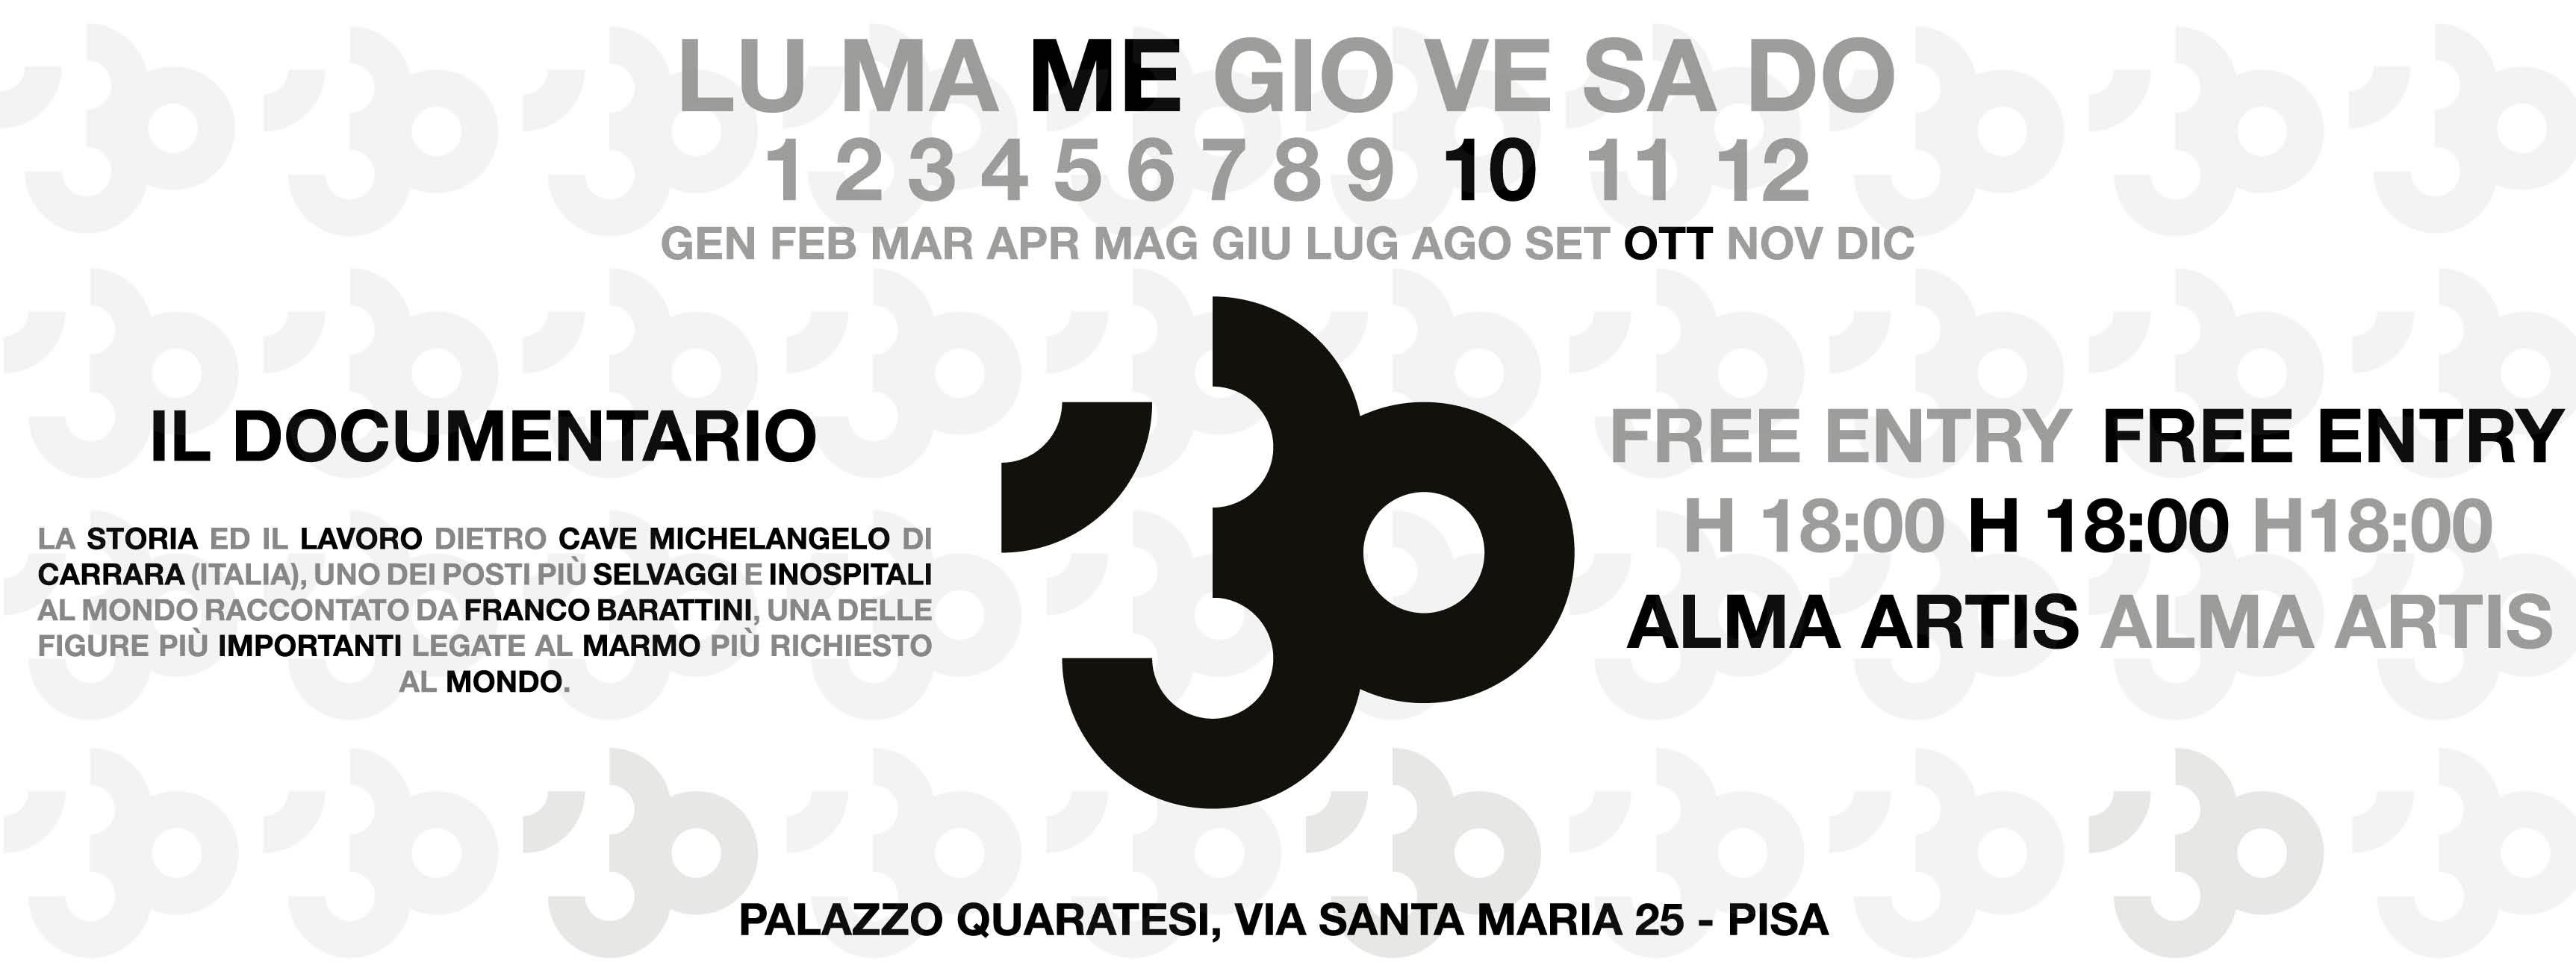 130 il documentario - Lorenzo Magnozzi